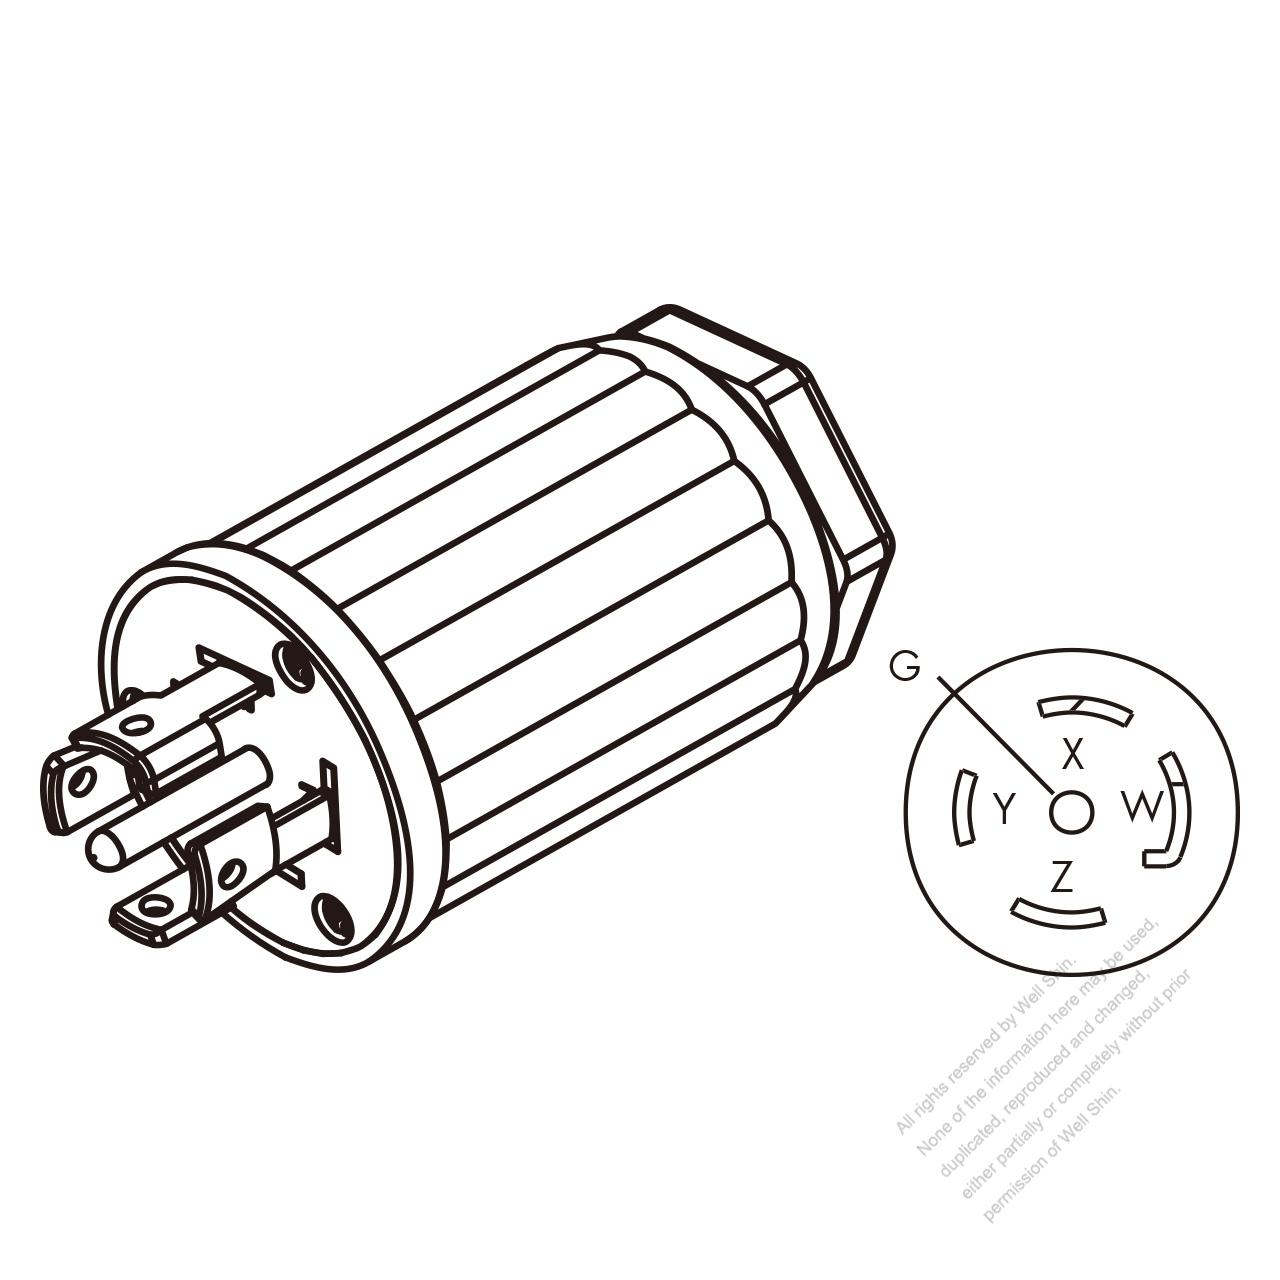 3 Pin Plug Wiring Diagram Usa